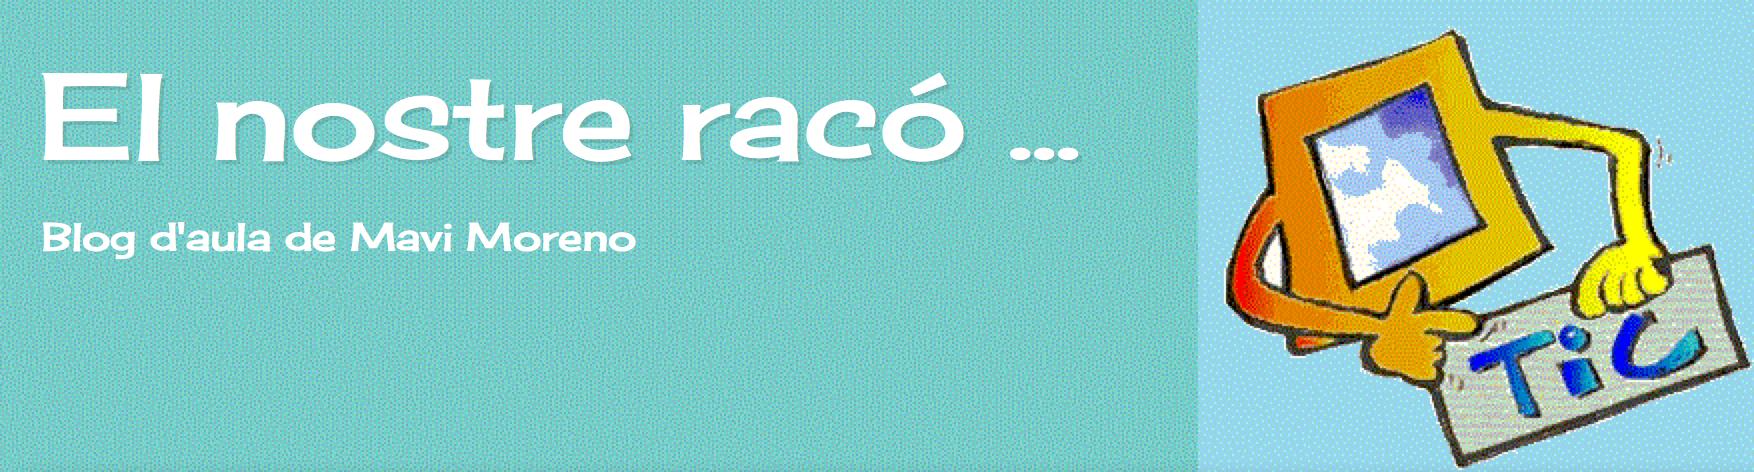 http://mavi-raco.blogspot.com.es/